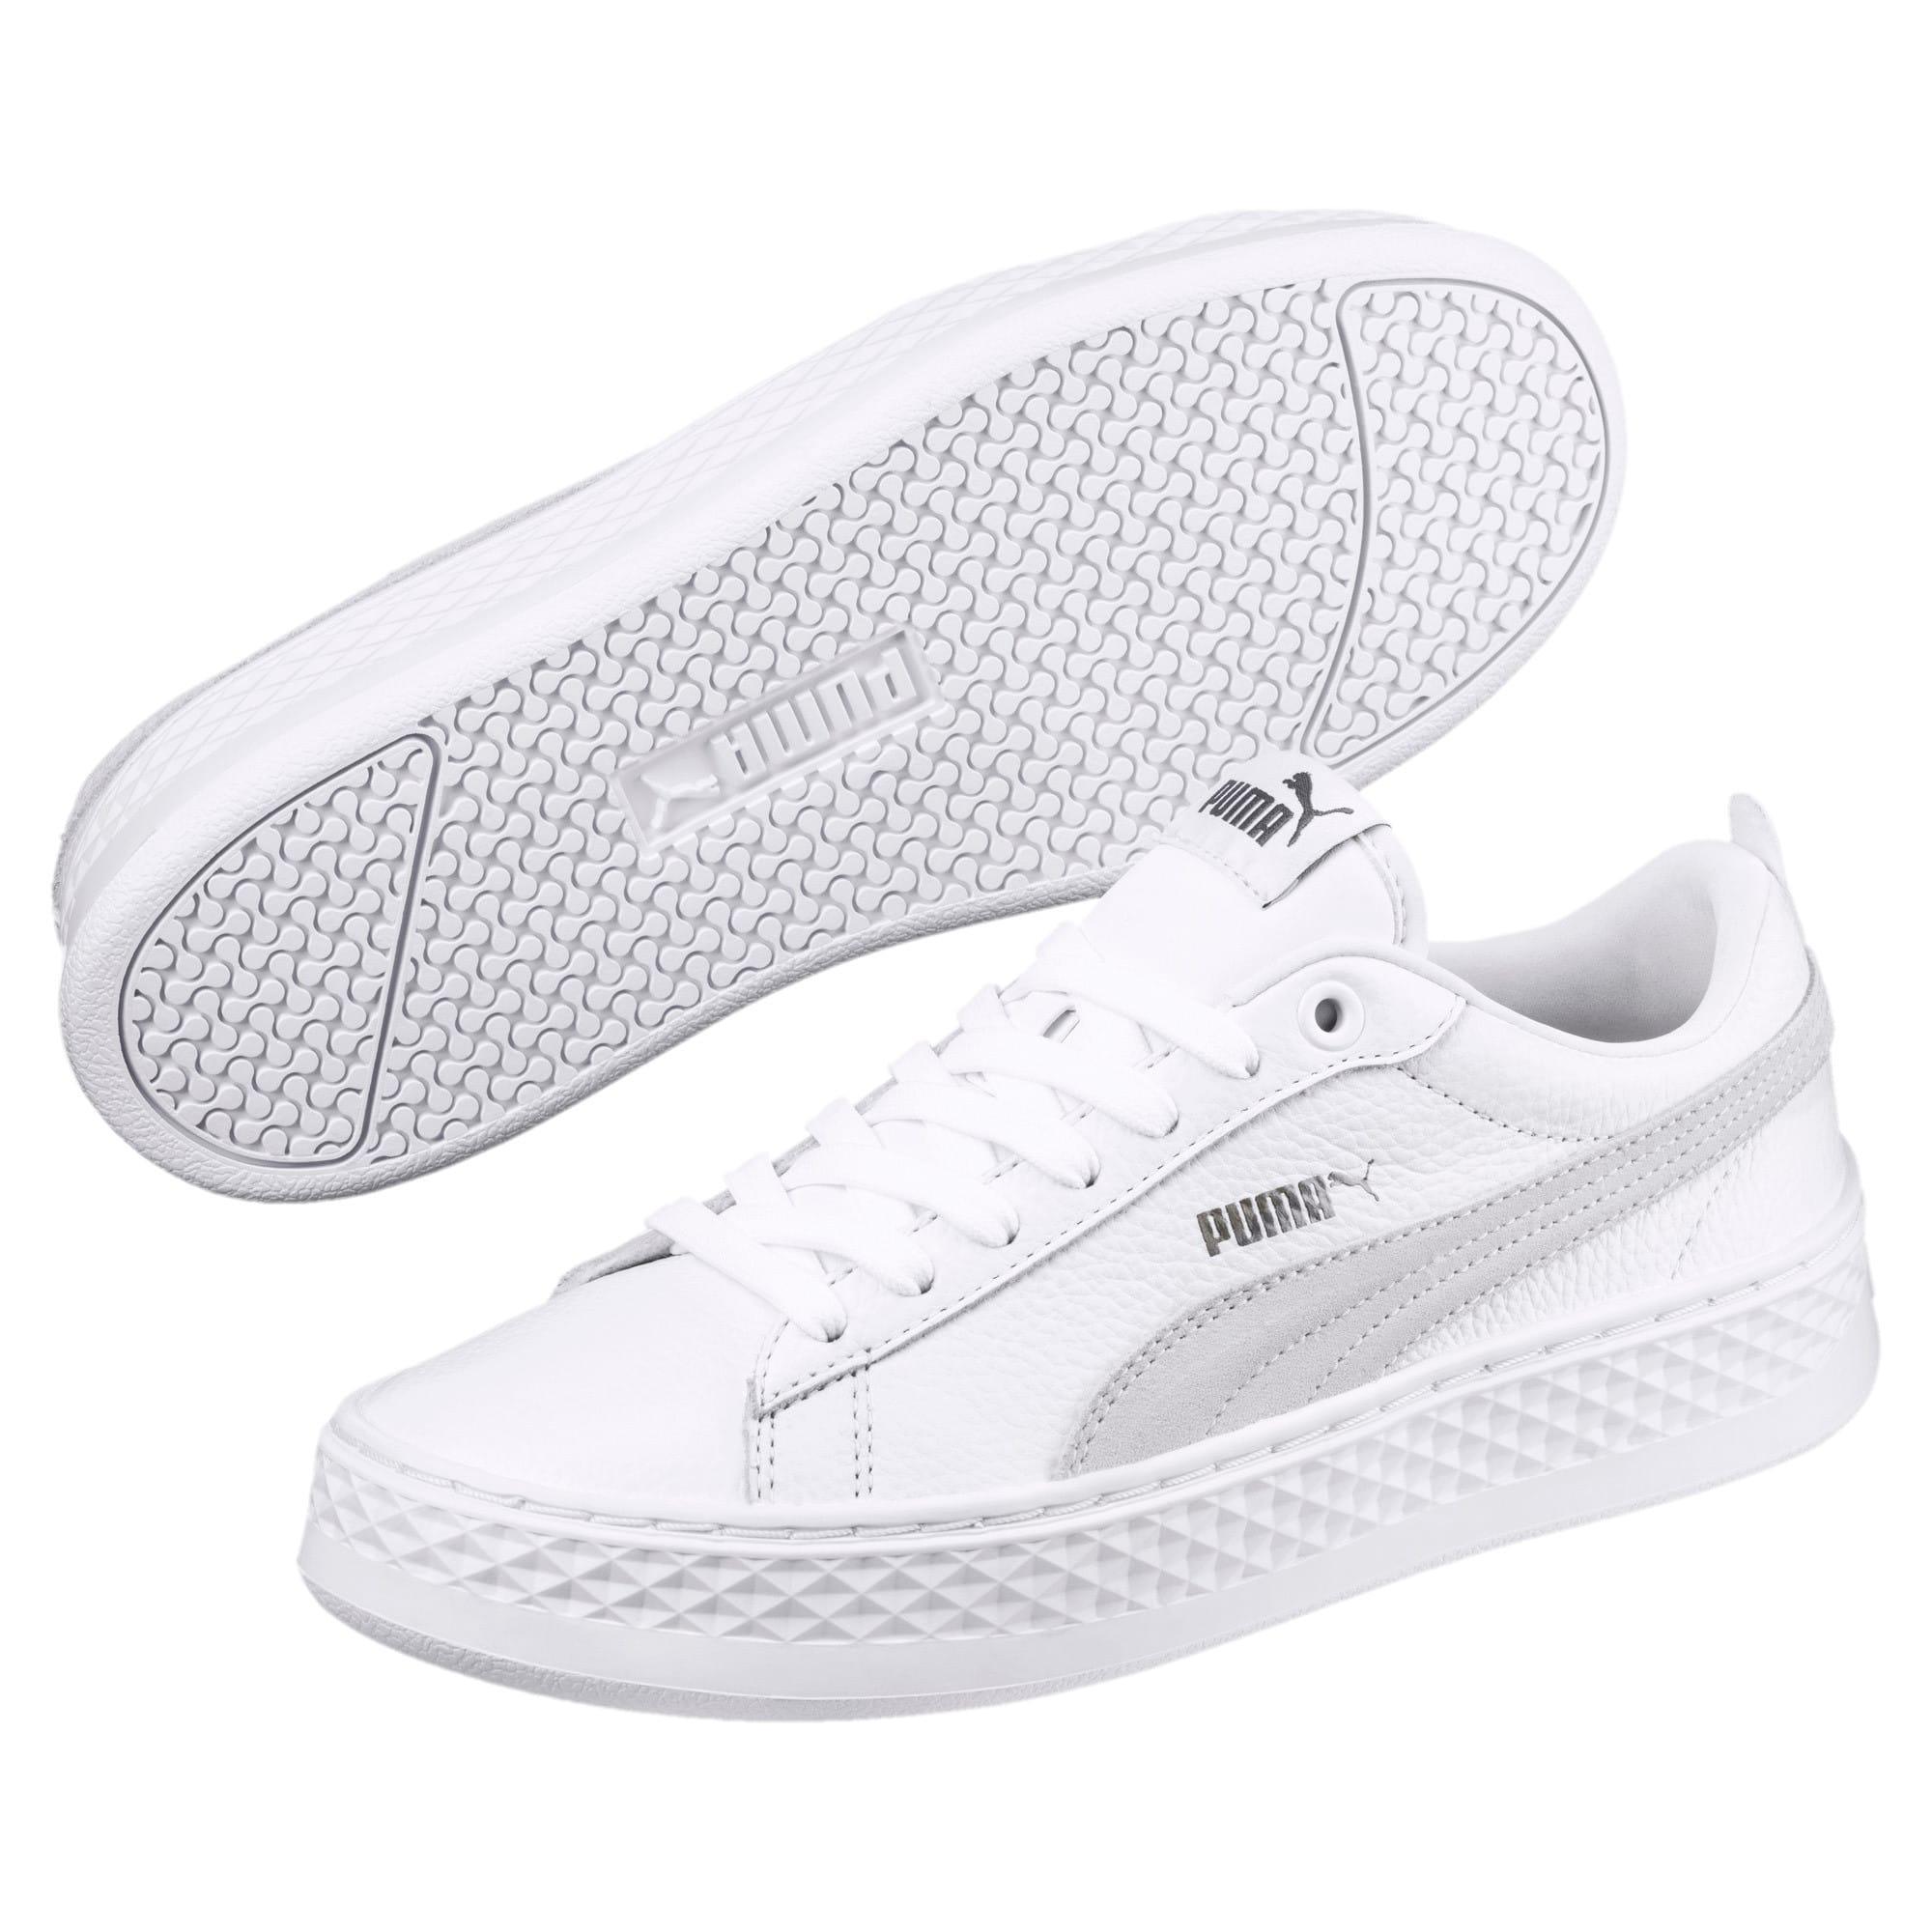 chaussures de séparation f4d47 07a7c Smash Platform Leather Women's Sneakers